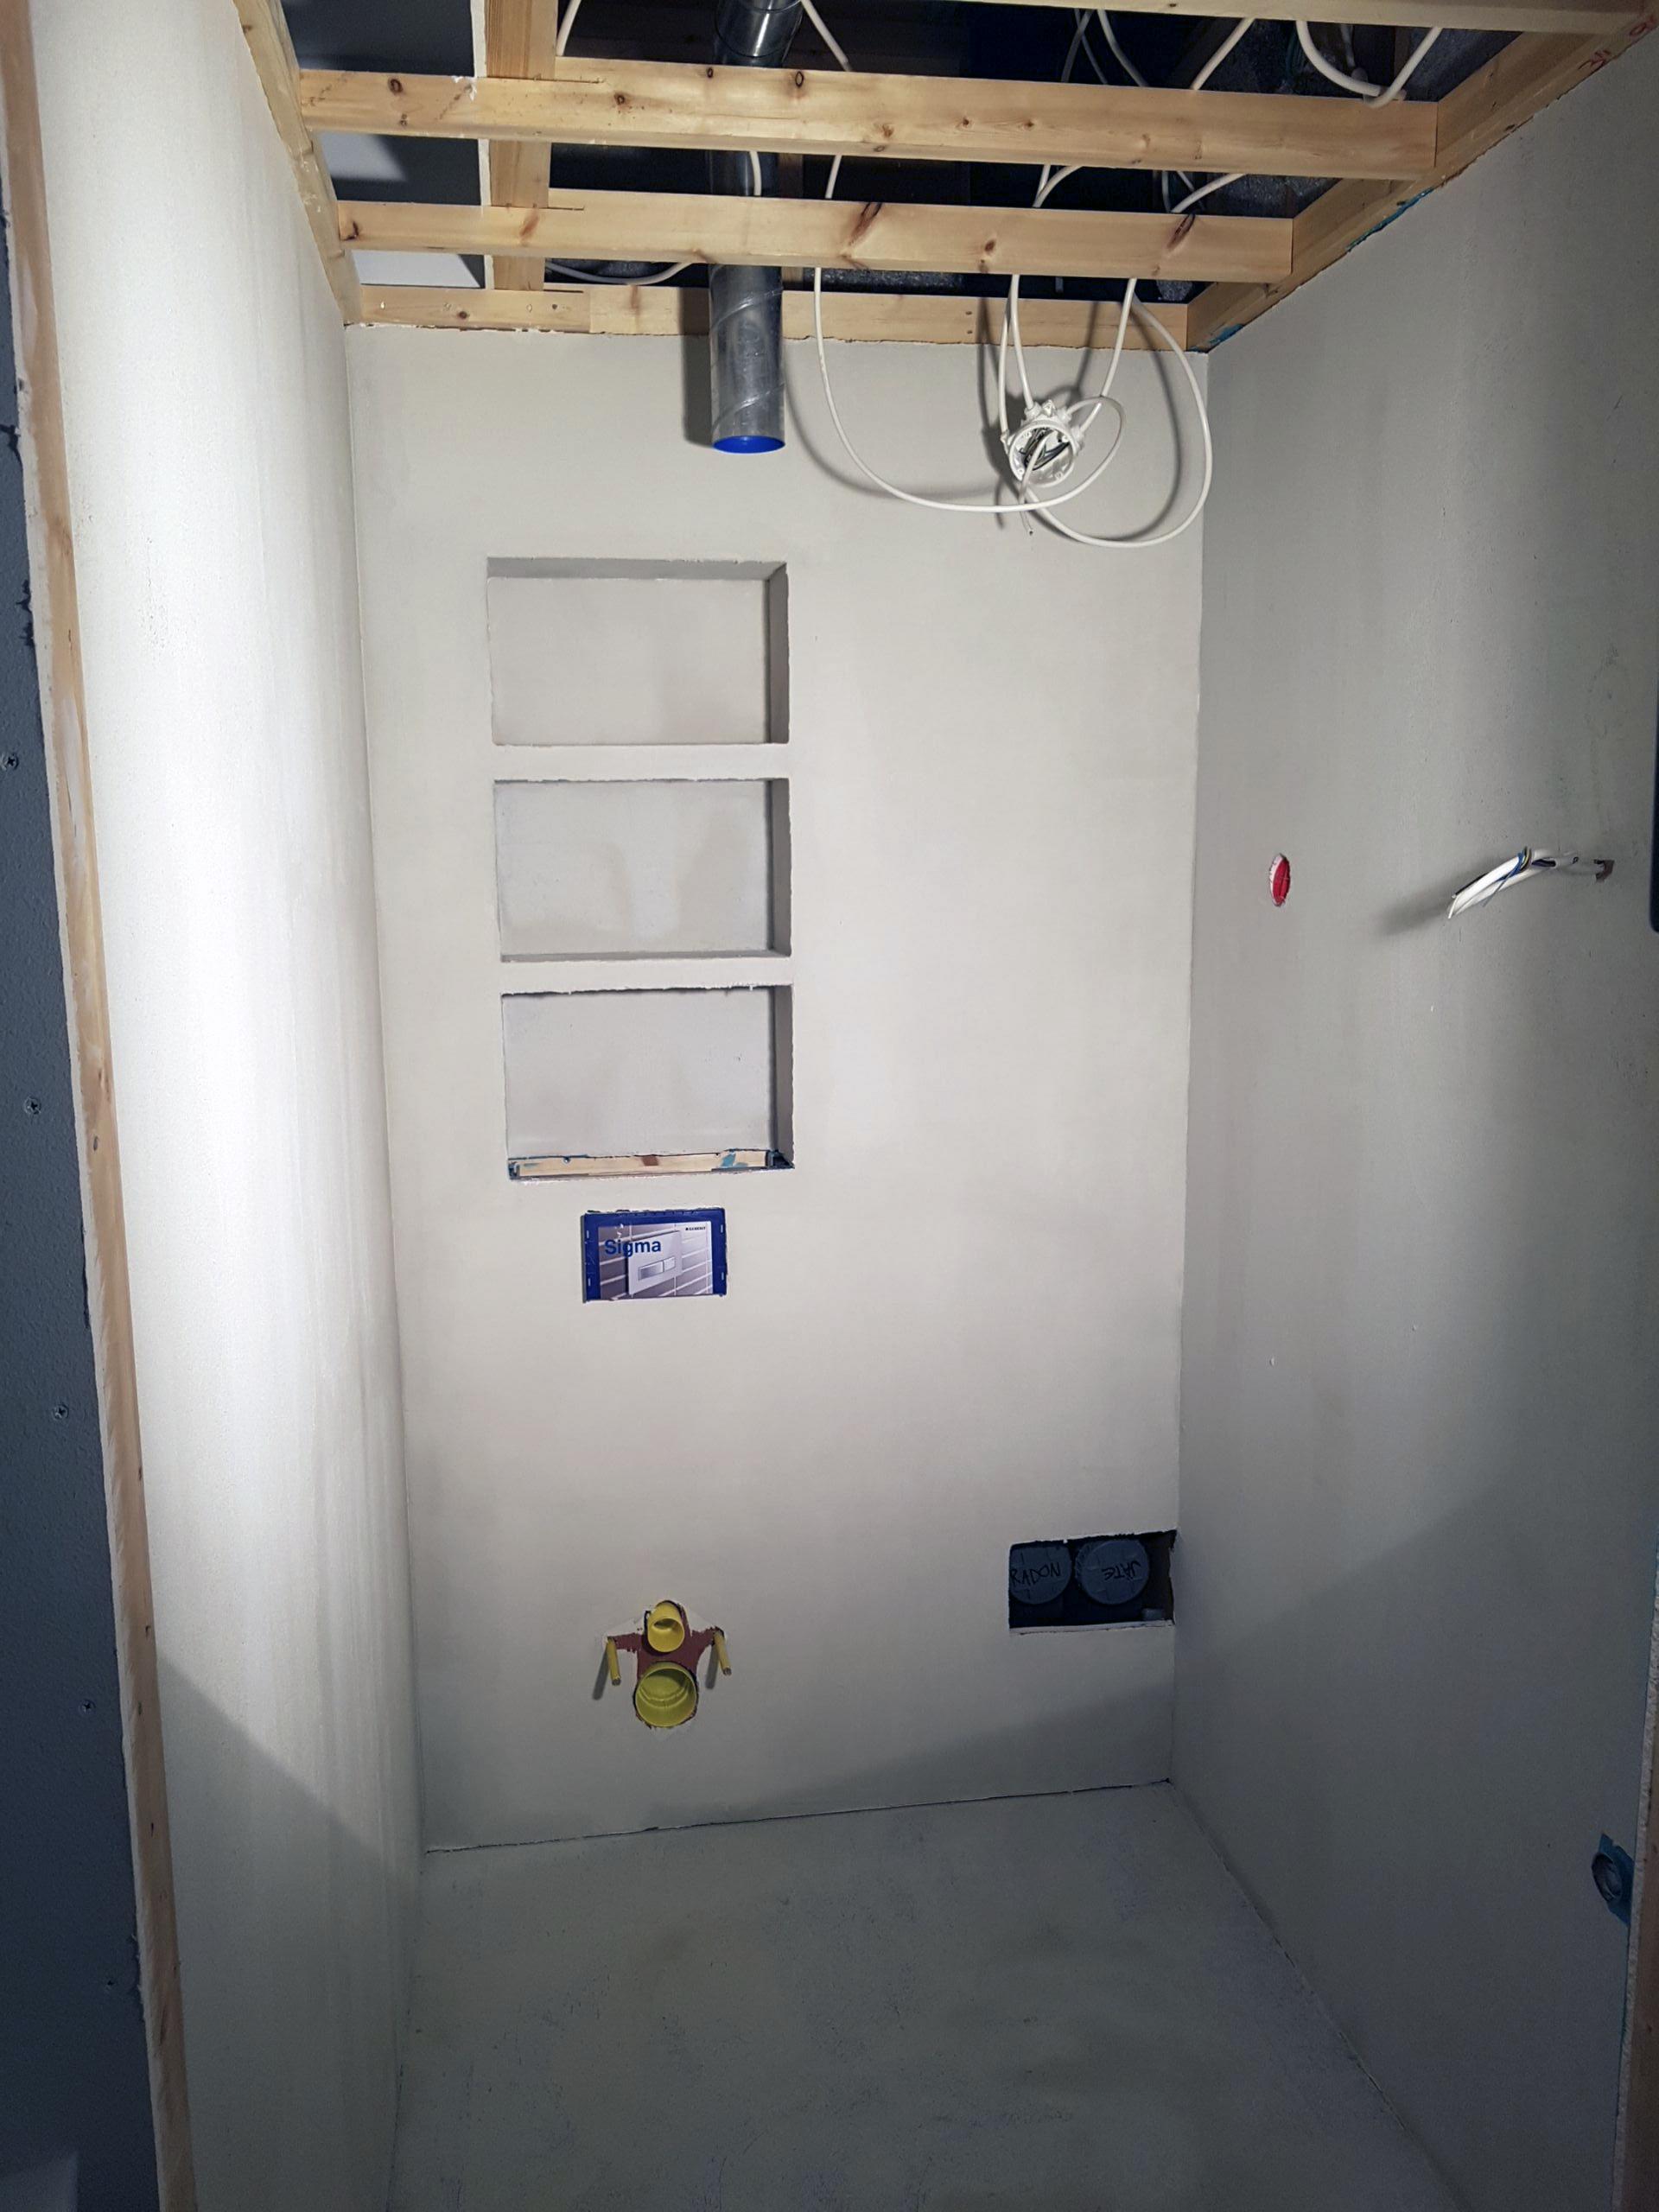 Vessa Grotesco tasoitteen jäljiltä ja kuvan oikeassa alakulmassa näkyy seinän sisässä olevat radon- ja jätevesiputket